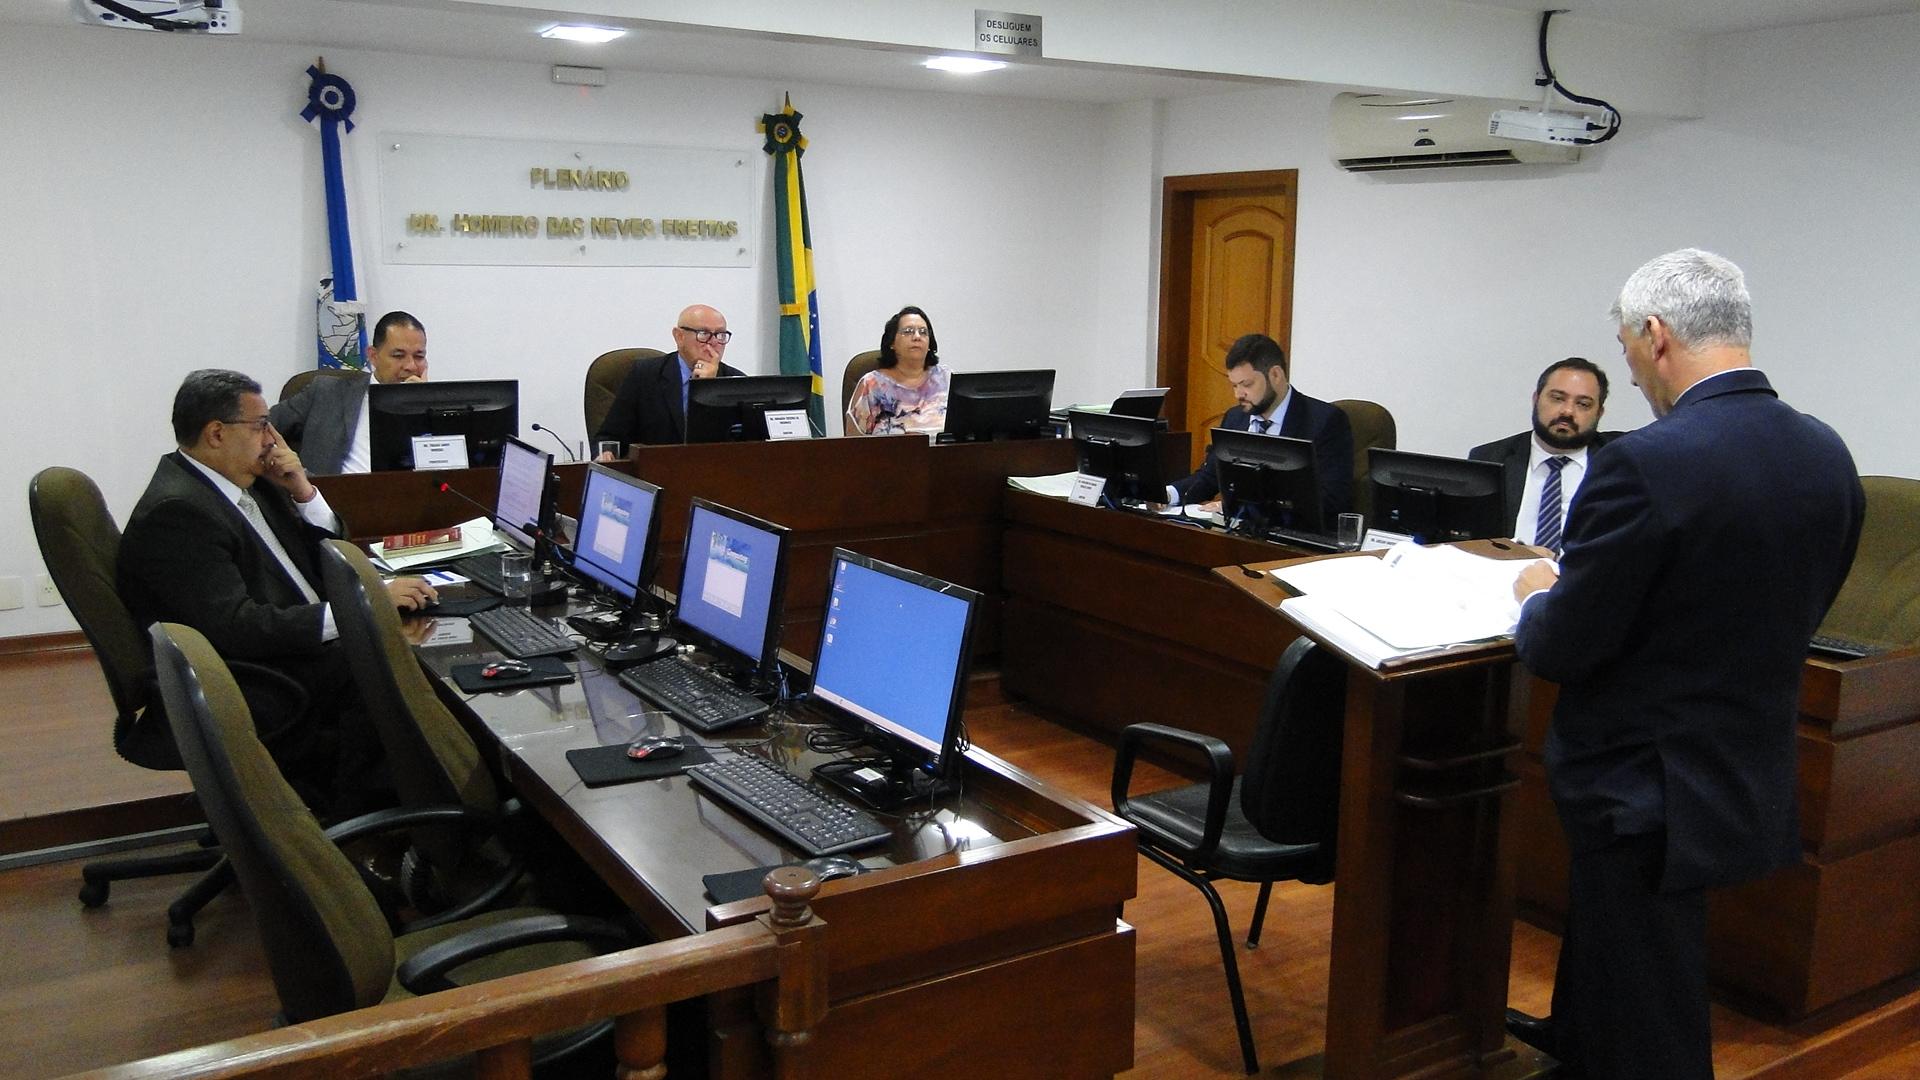 Paduano é multado em R$ 4 mil por atraso